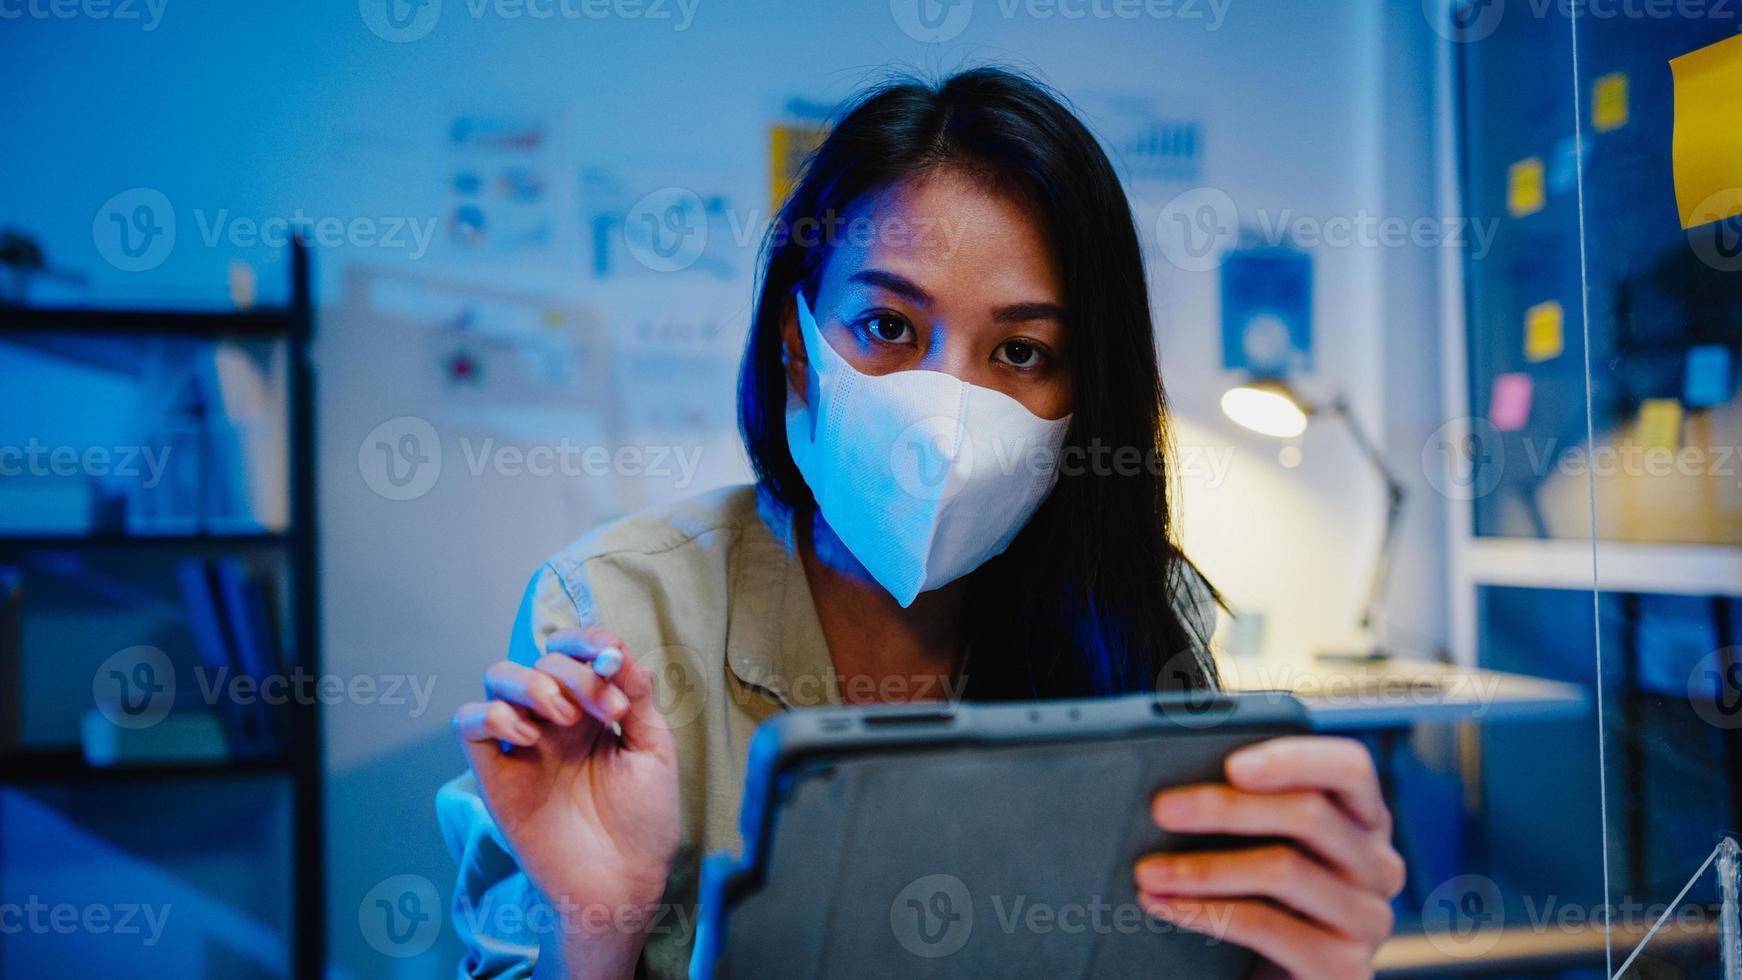 Asia empresaria usa mascarilla distanciamiento social en situación de prevención de virus mirando a cámara presentación a amigos sobre plan en videollamada mientras trabaja en la oficina. vida después del virus corona. foto